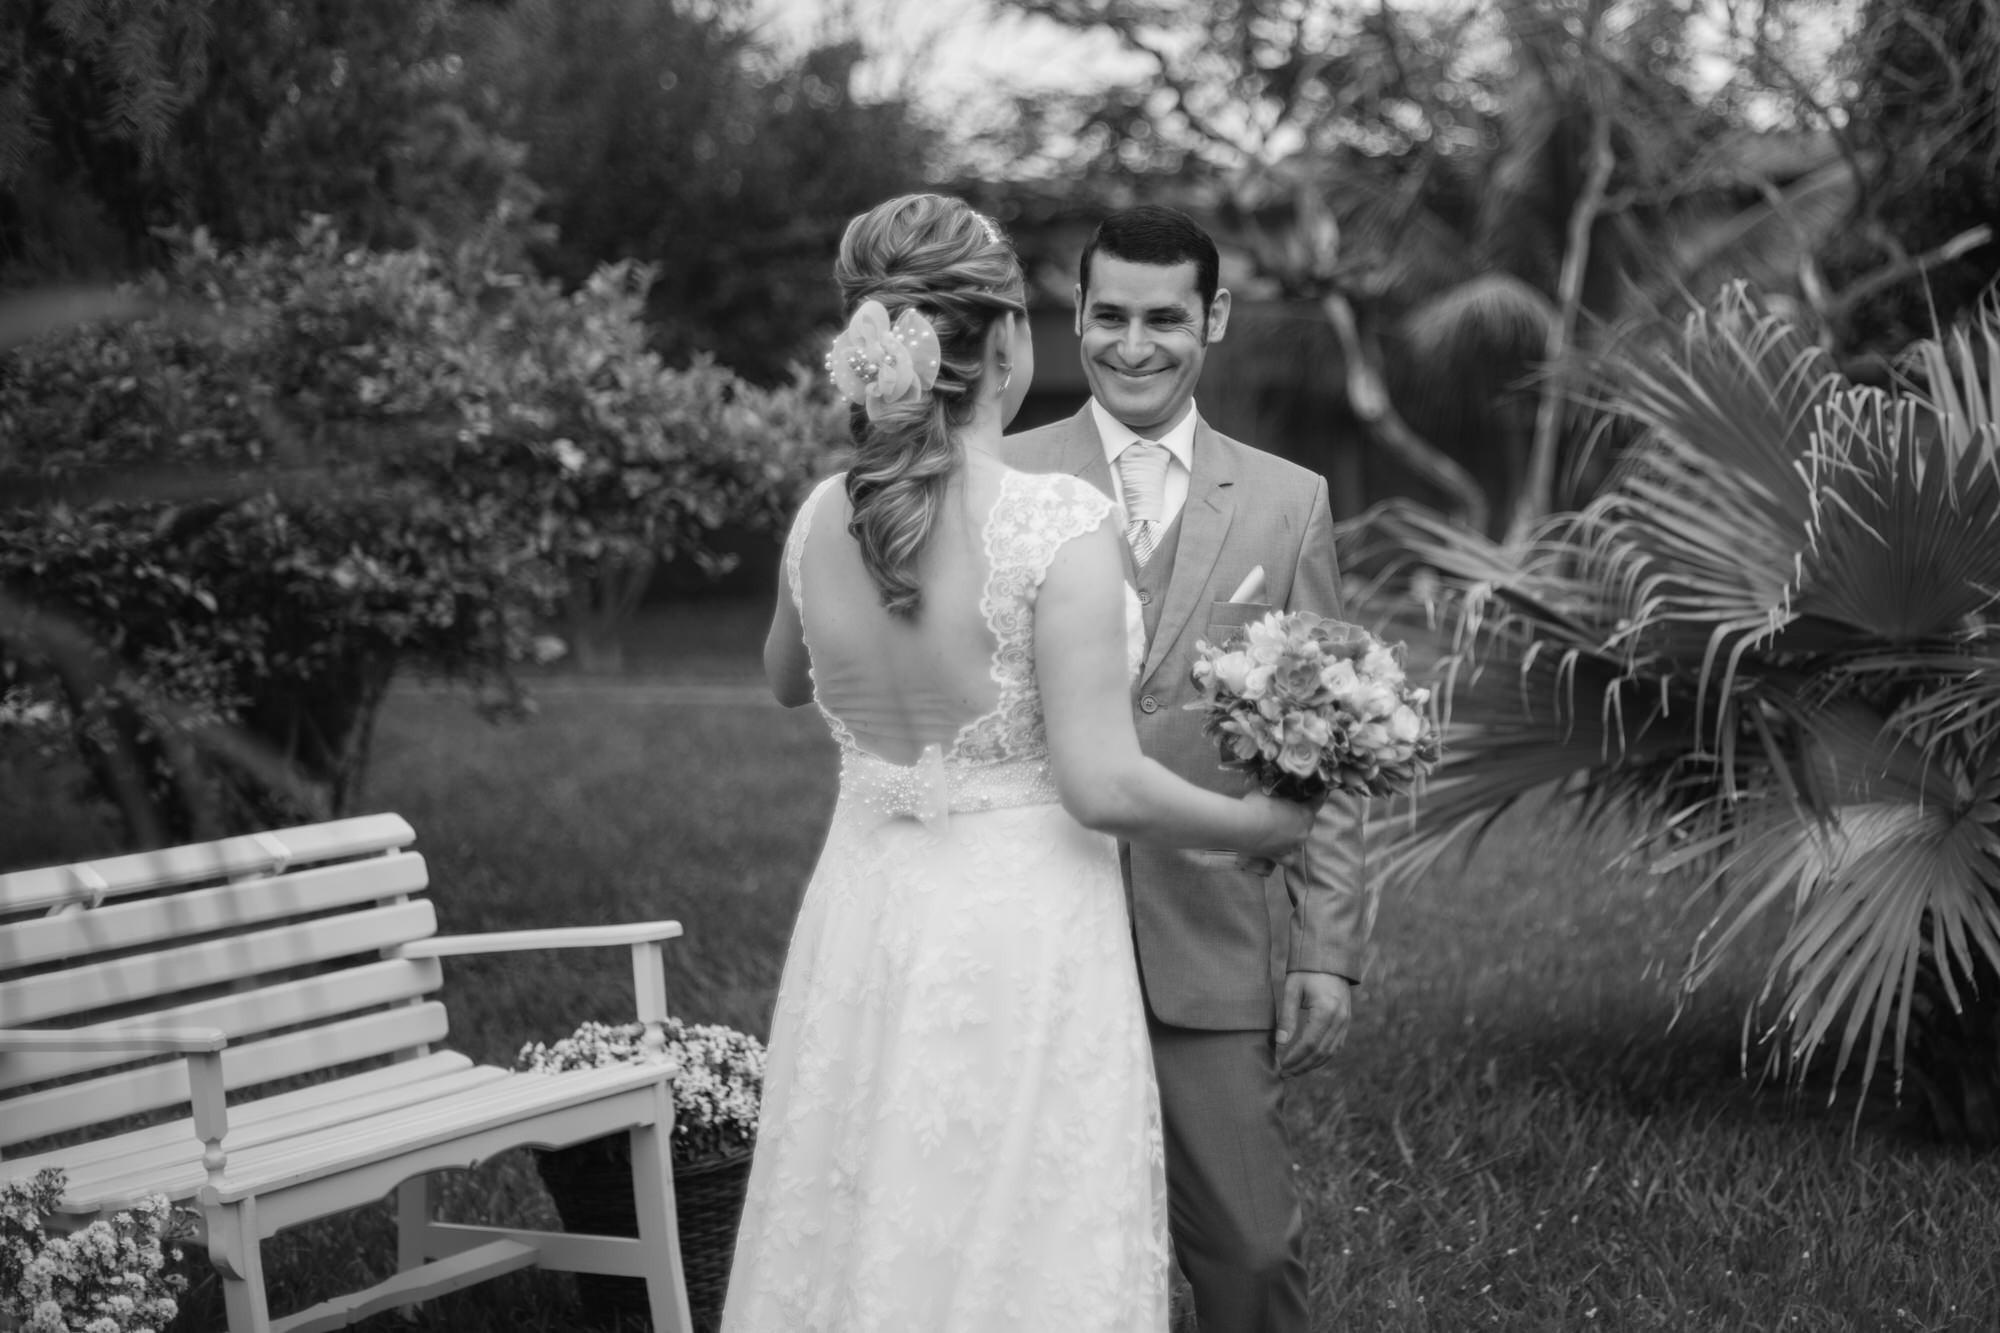 Fabio e Gisele - Casamento em Mundo Novo - MS por Lorran Souza e Léia Sotile - fotografo de casamentos - 00011